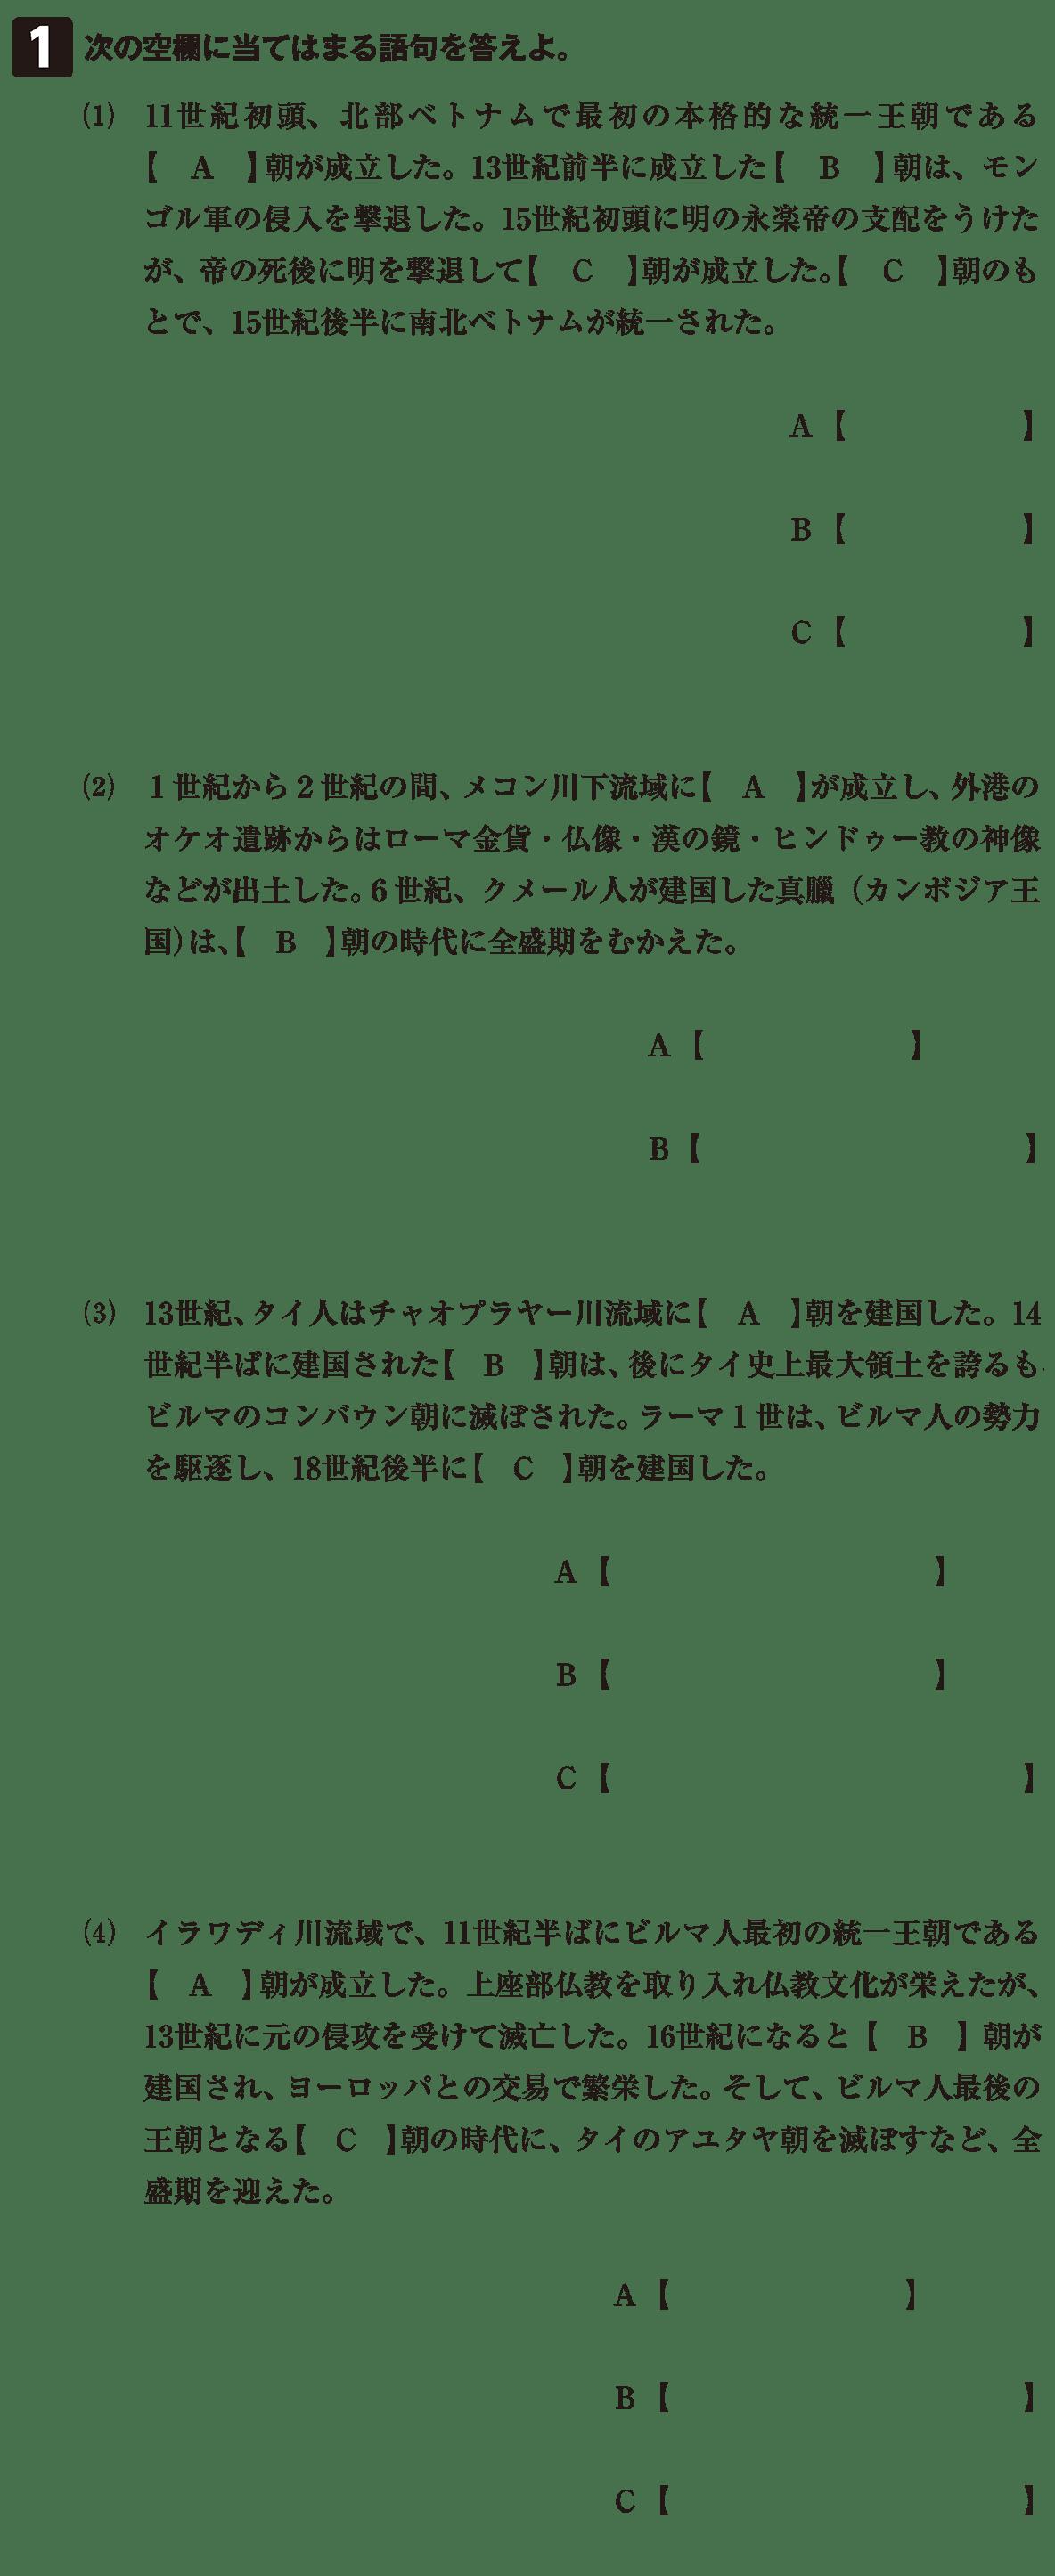 高校世界史 東南アジア前近代史4 確認テスト(前半)答えなし